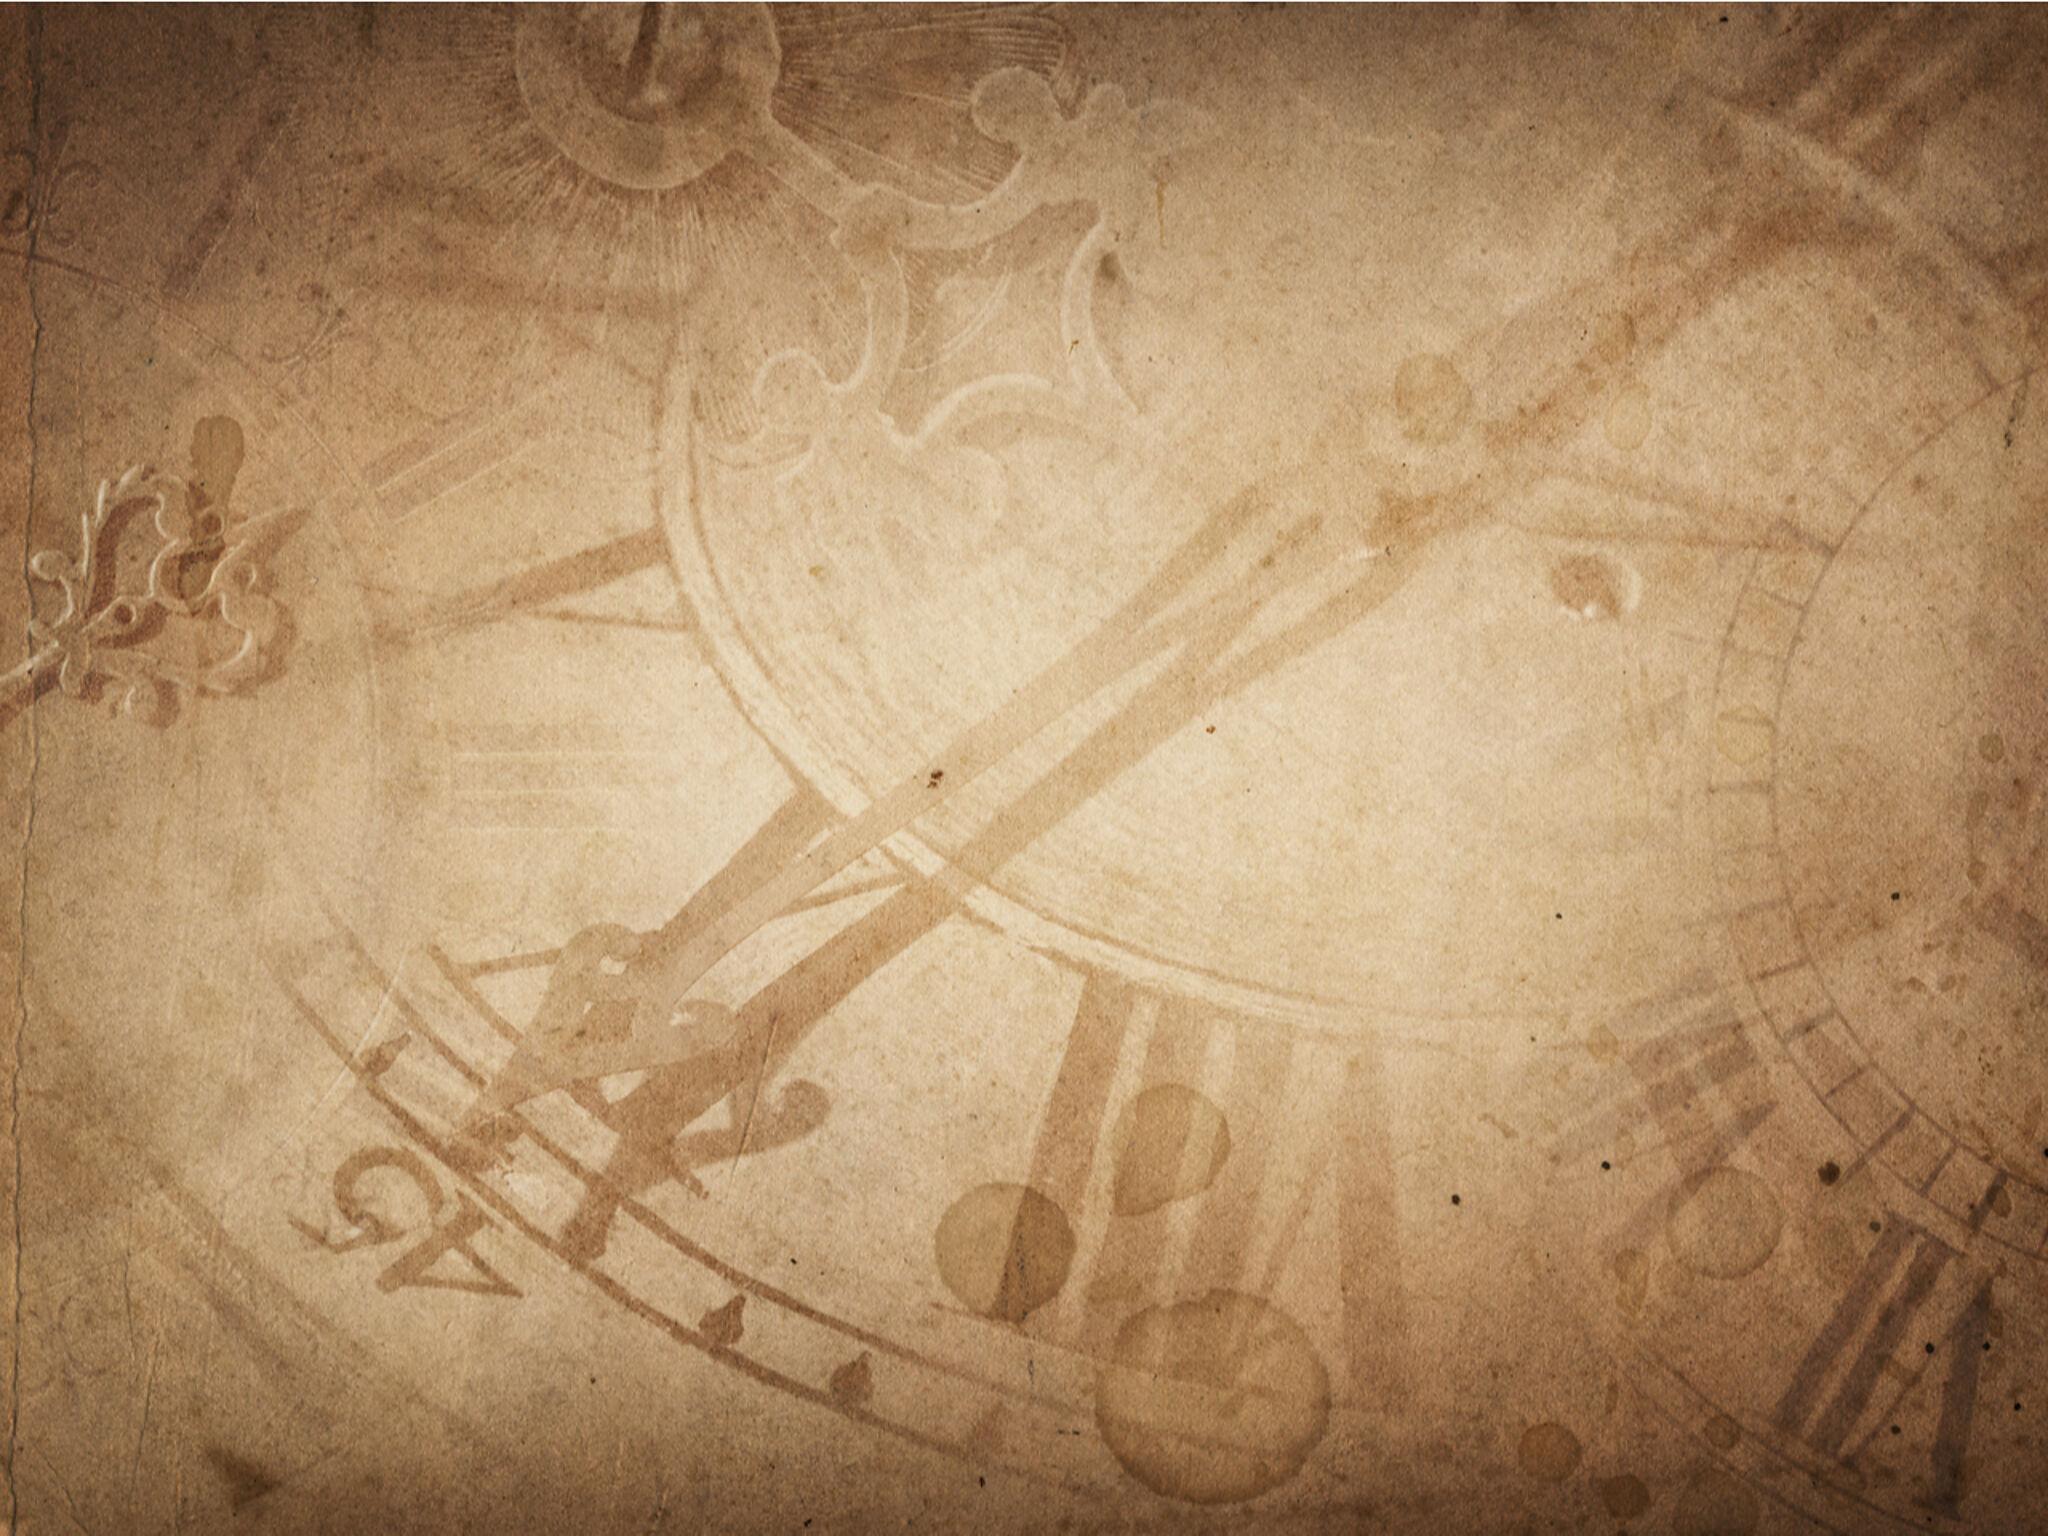 海外の時計の羅針盤がアップになっている画像